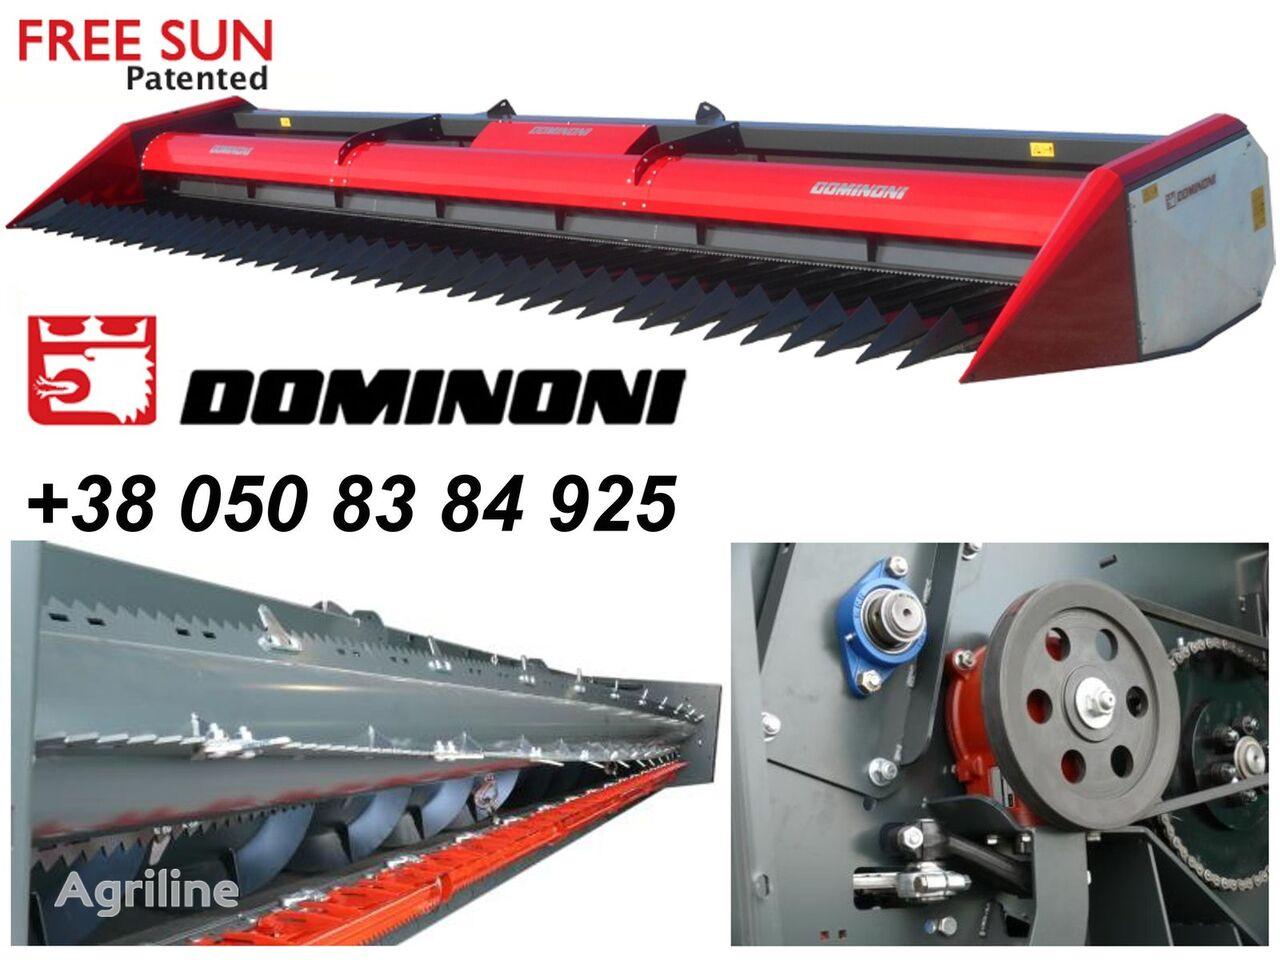 Dominoni Free sun GF620 cabezal de girasol nuevo